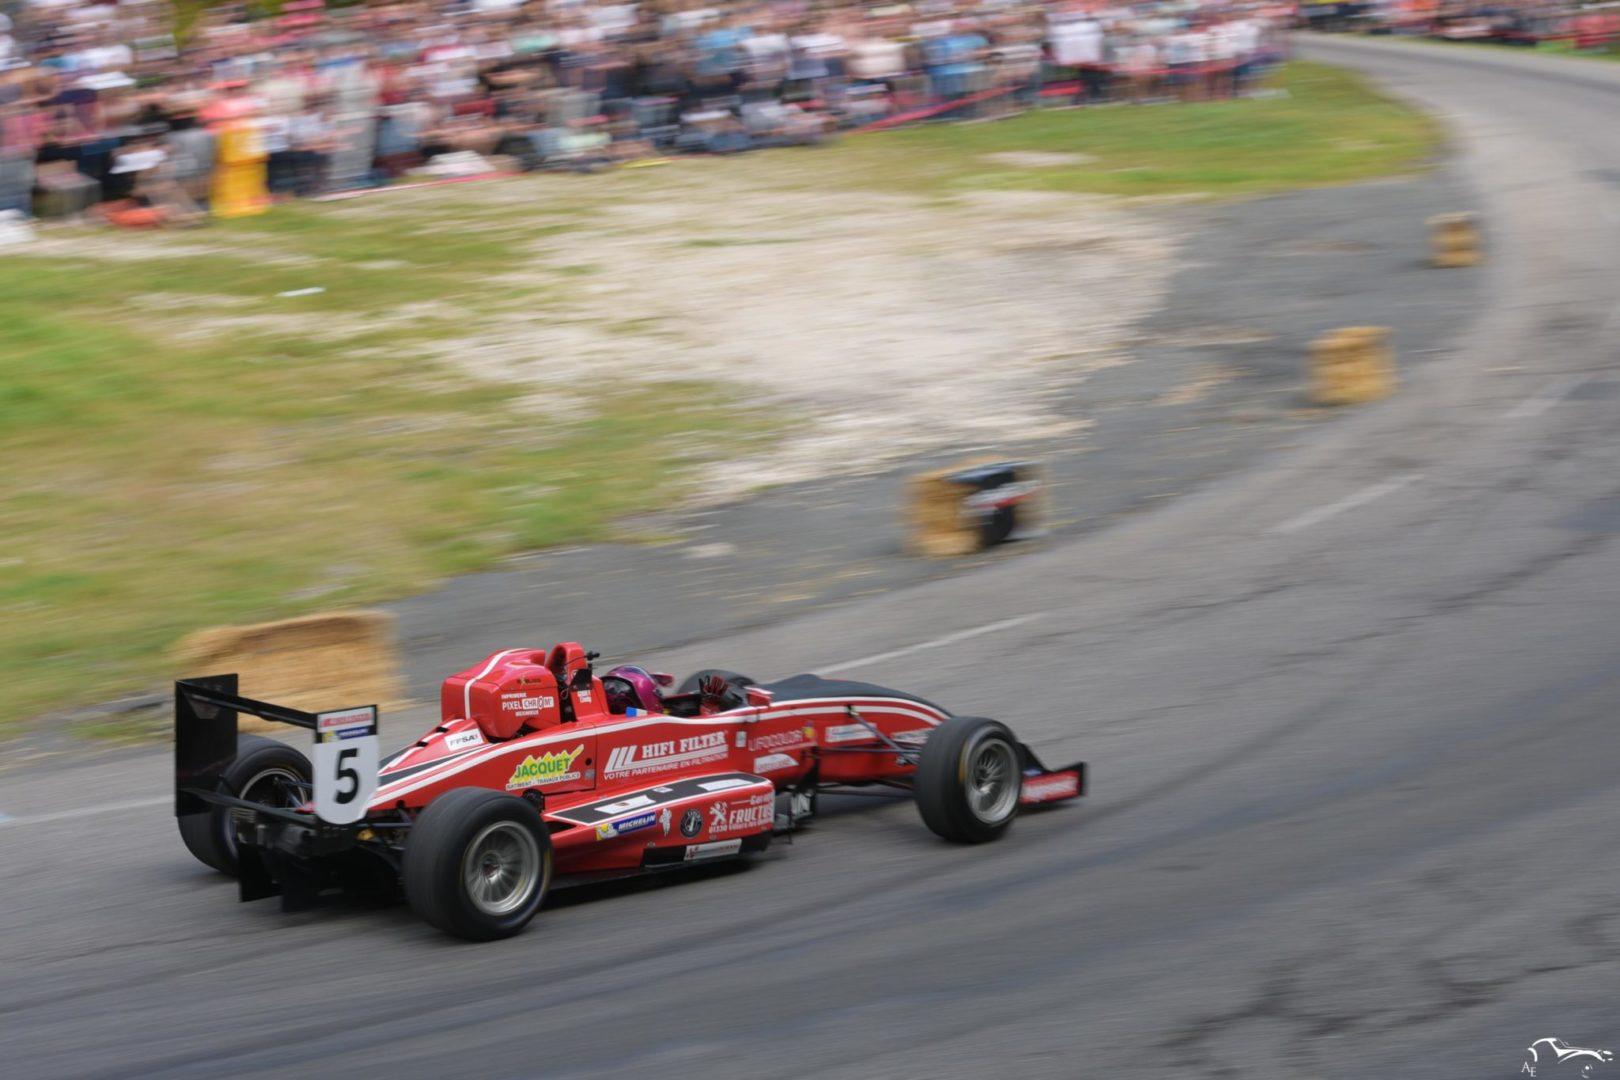 Dallara 304